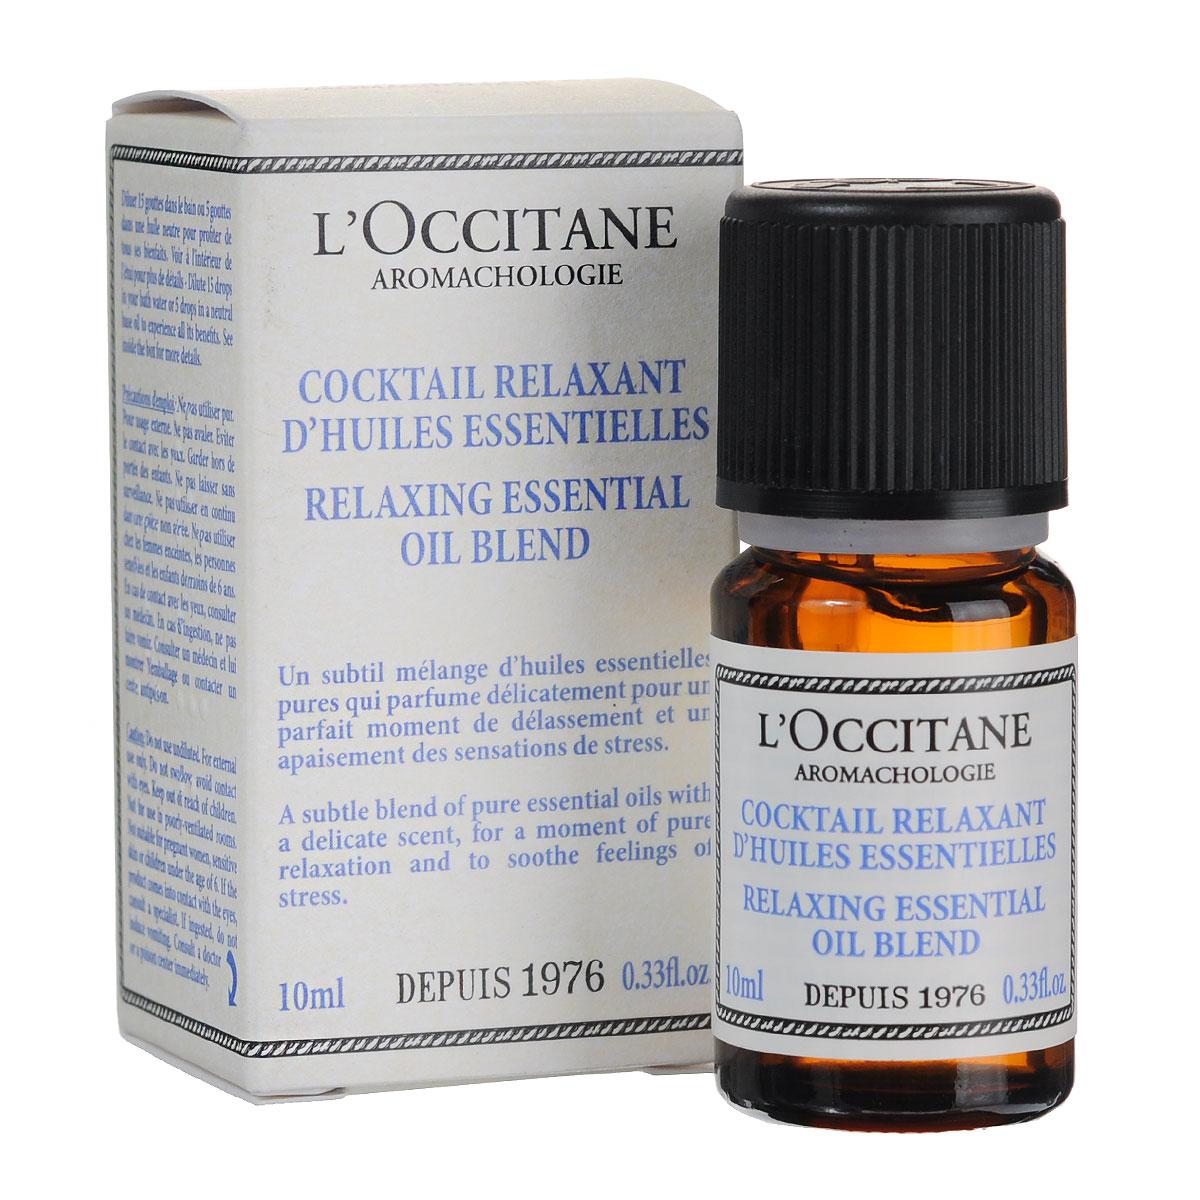 LOccitane Эфирное масло Аромакология, расслабляющее, 10 мл307038Расслабляющая смесь чистых эфирных масел помогает снять напряжение и избавиться от стресса.Товар сертифицирован.Краткий гид по парфюмерии: виды, ноты, ароматы, советы по выбору. Статья OZON Гид